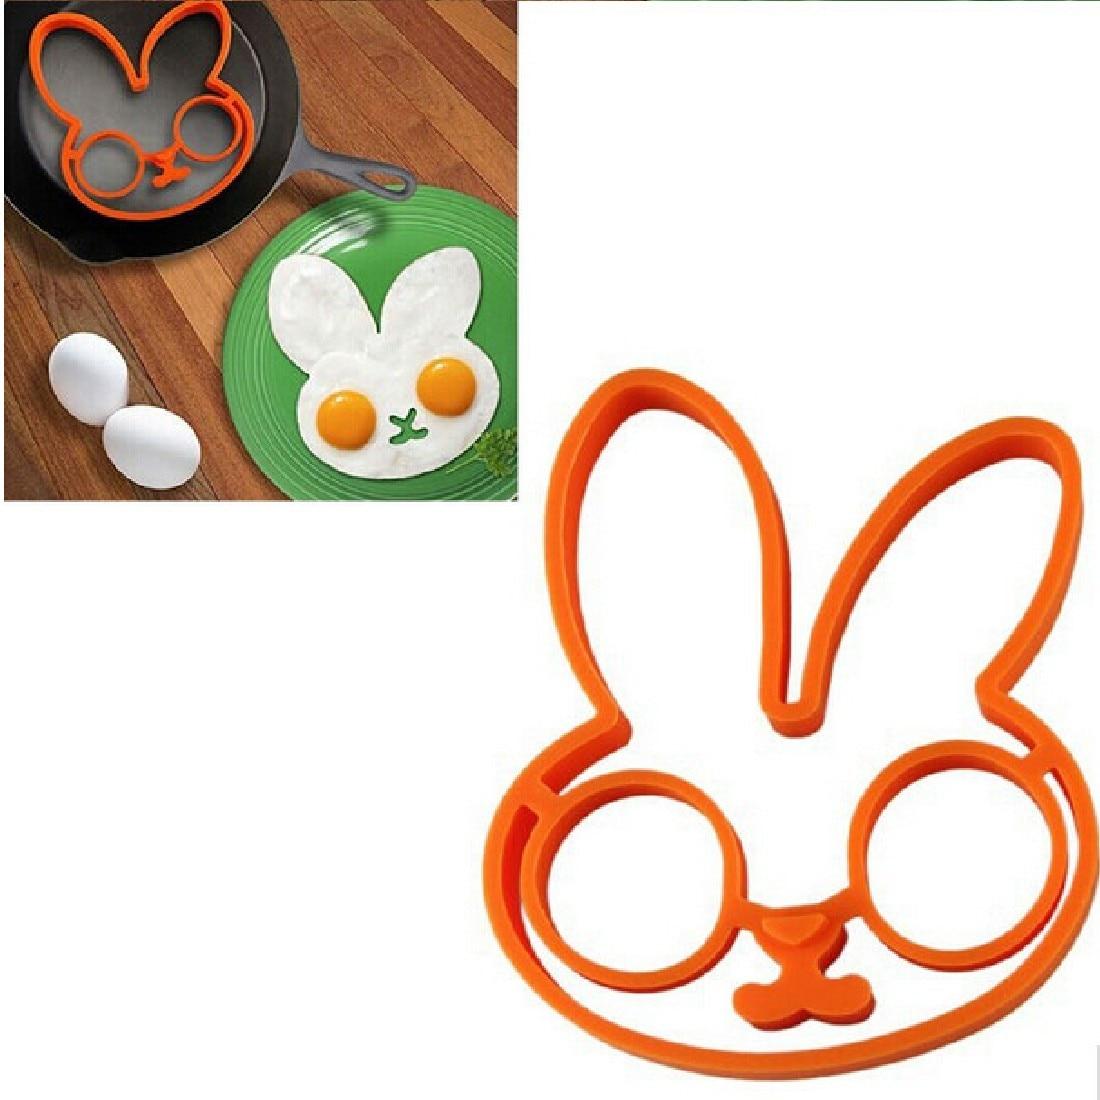 e96cdff768 Silicone del Coniglio Muffa Uovo Fritto Muffa Culinary Anello Forme In Silicone  Pancake Colazione Strumenti di